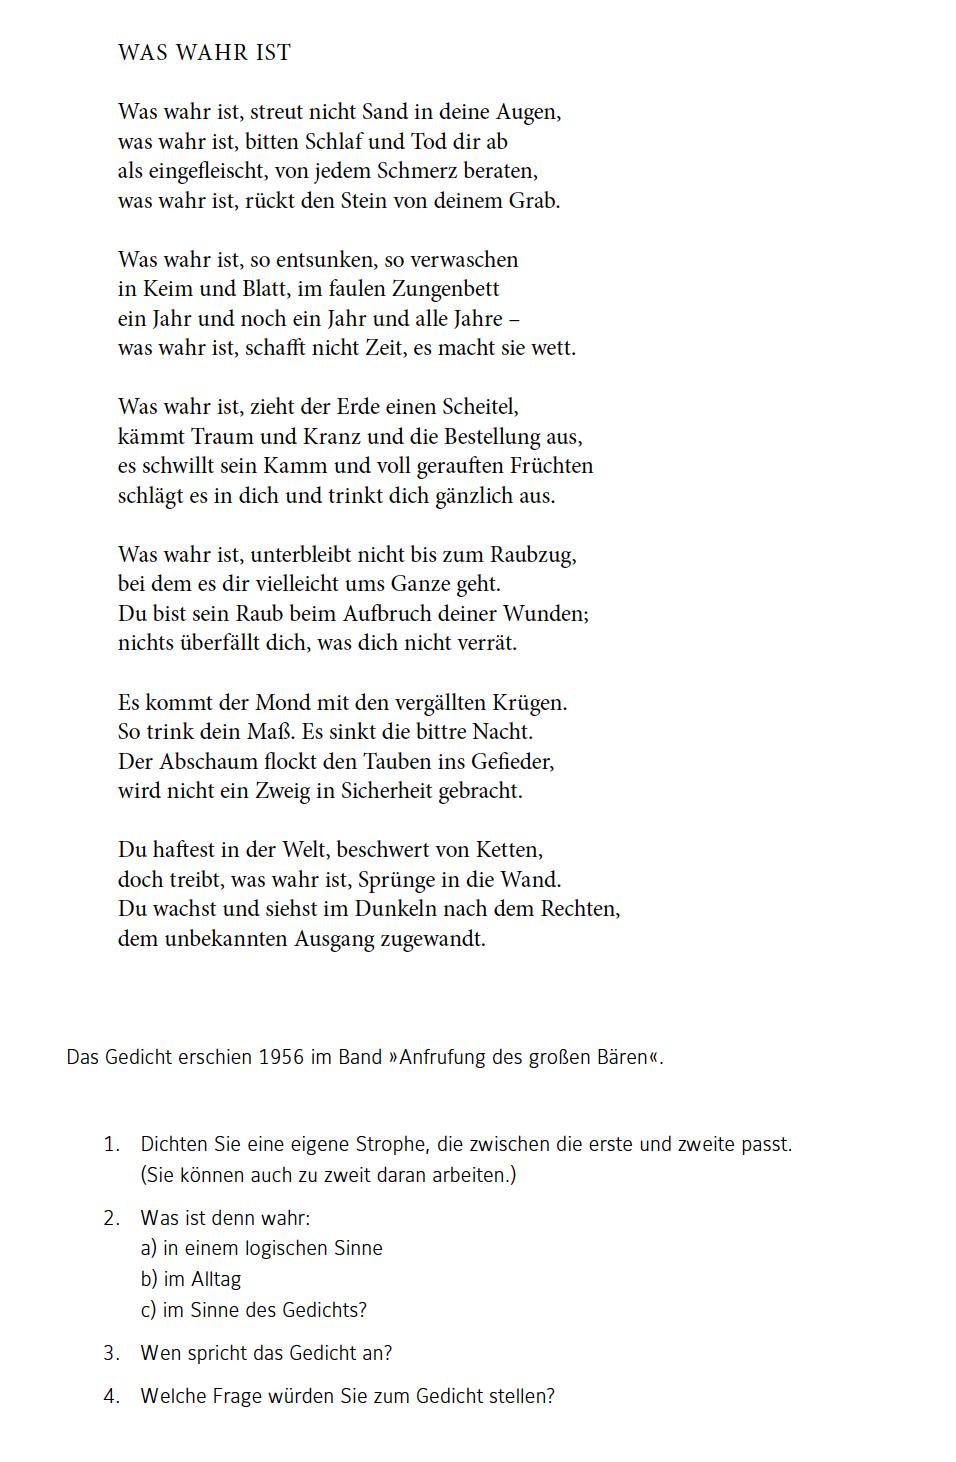 Gedicht zeit zu zweit